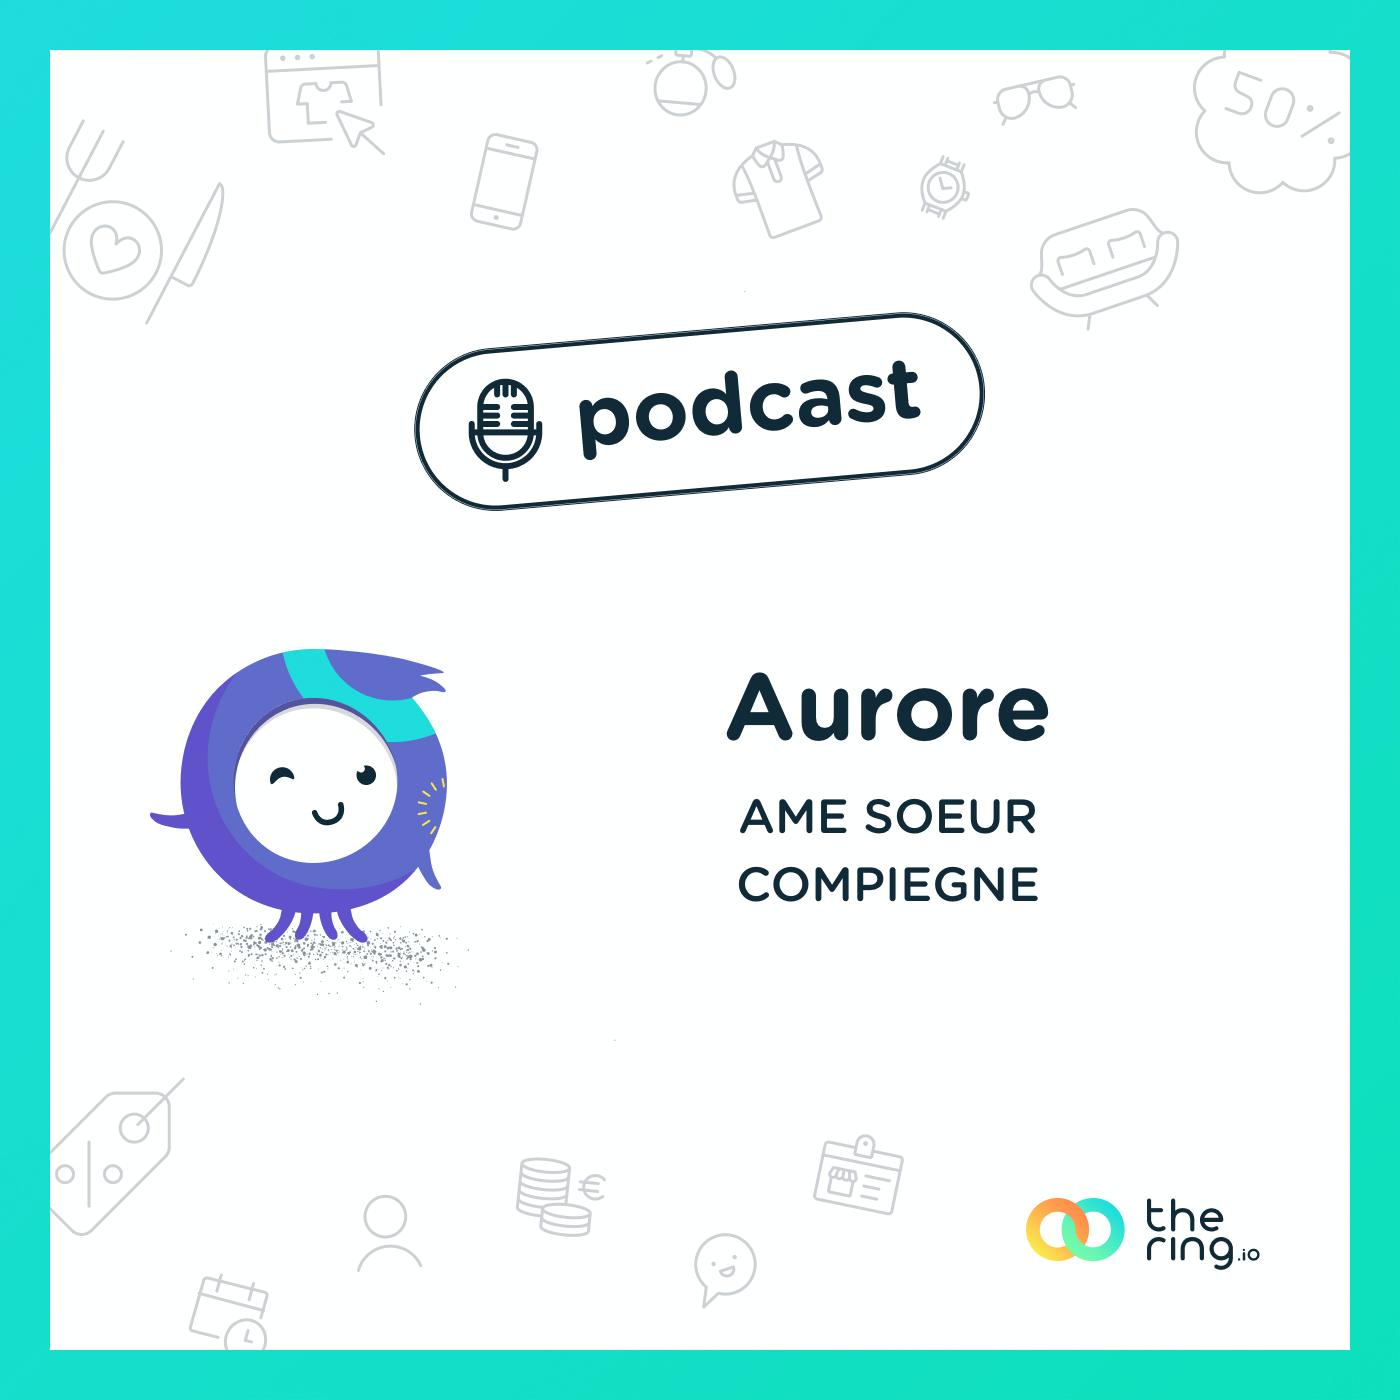 Aurore de Ame Soeur à Compiègne : Toute expérience fait grandir !